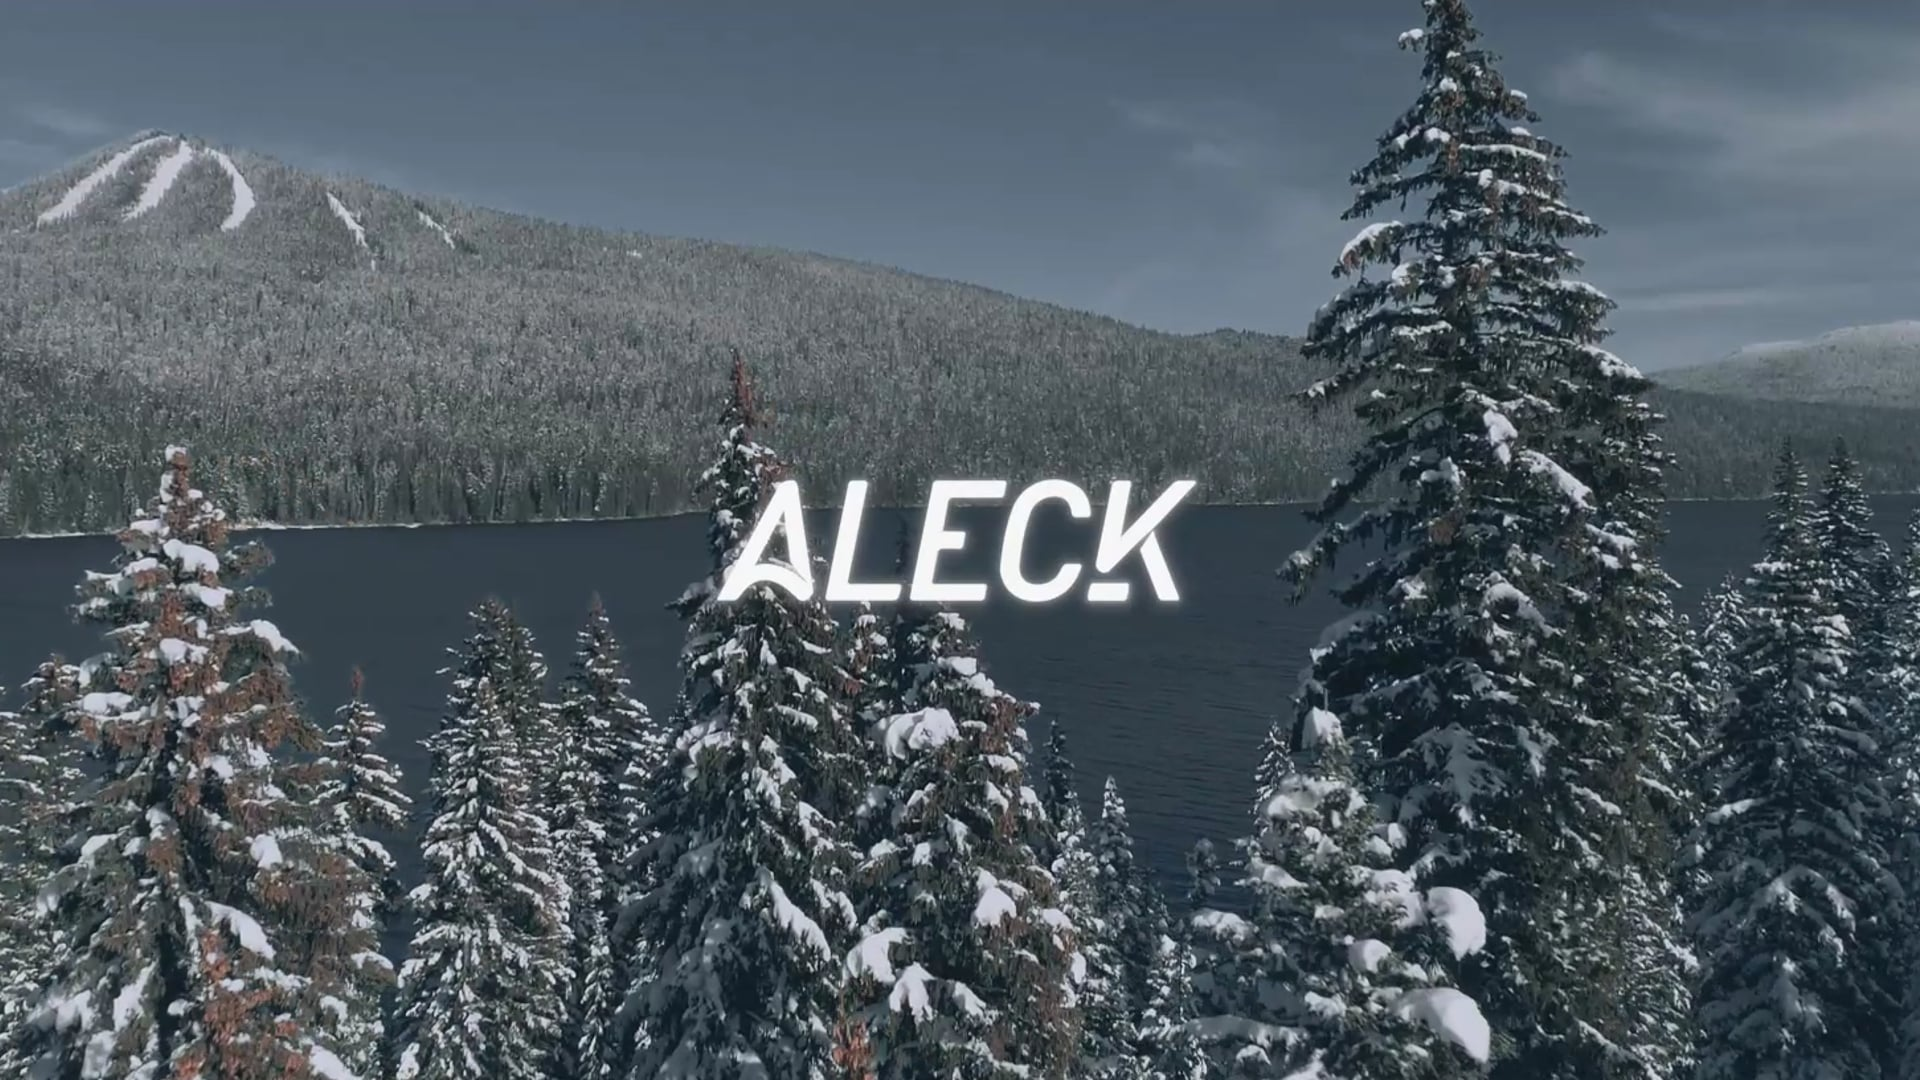 Aleck.io